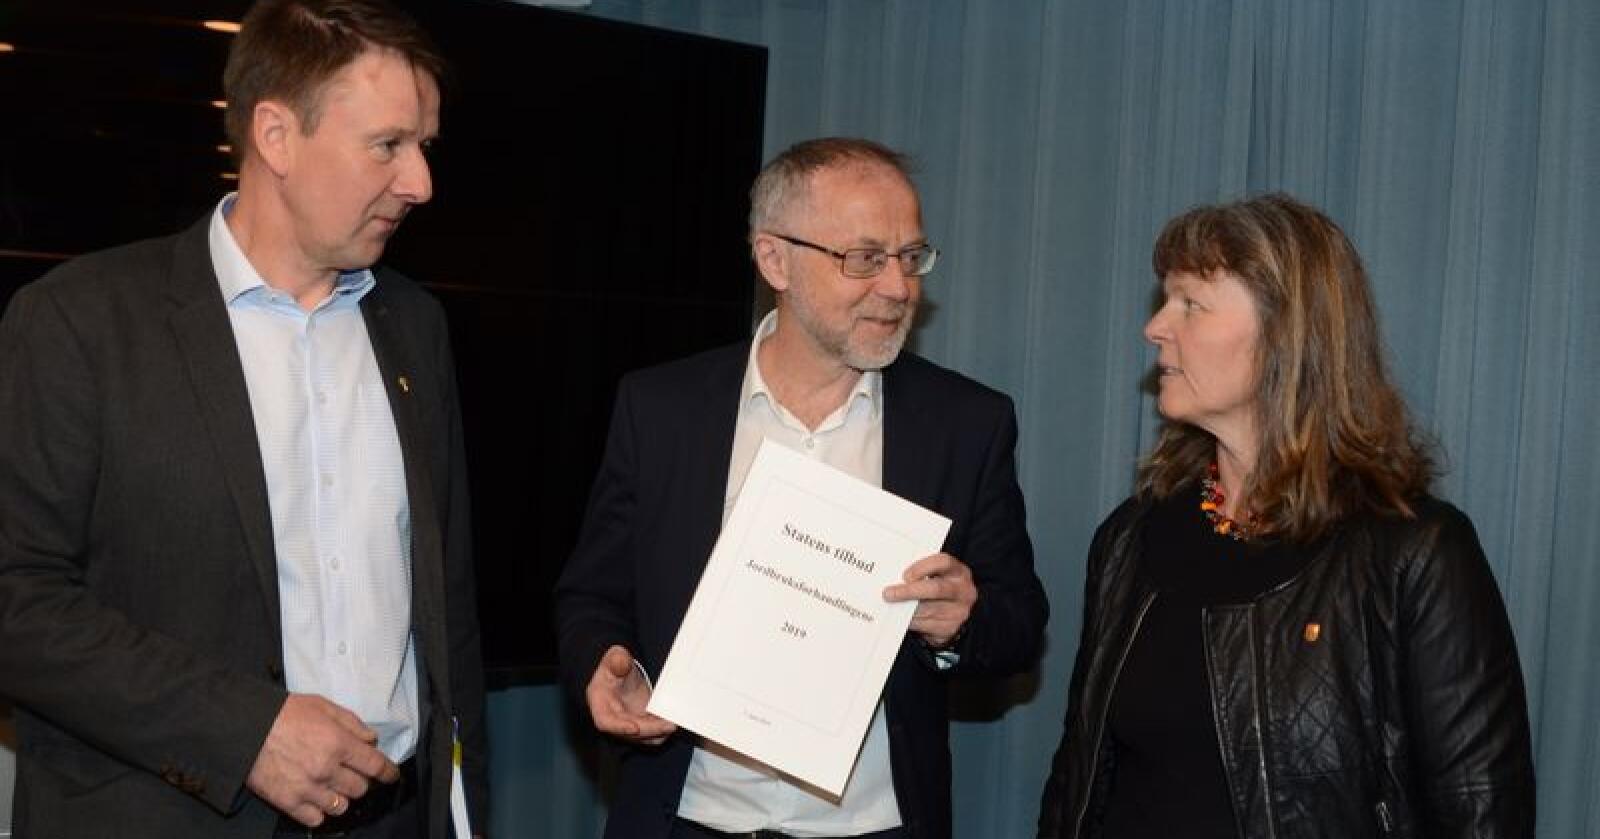 Tilbudet: Statens forhandlingsleder Leif Forsell (midten) presenterte i dag statens tilbud til bondelagsleder Lars Petter Bartnes og småbrukarleder Kjersti Hoff. (Foto: Linda Sunde)